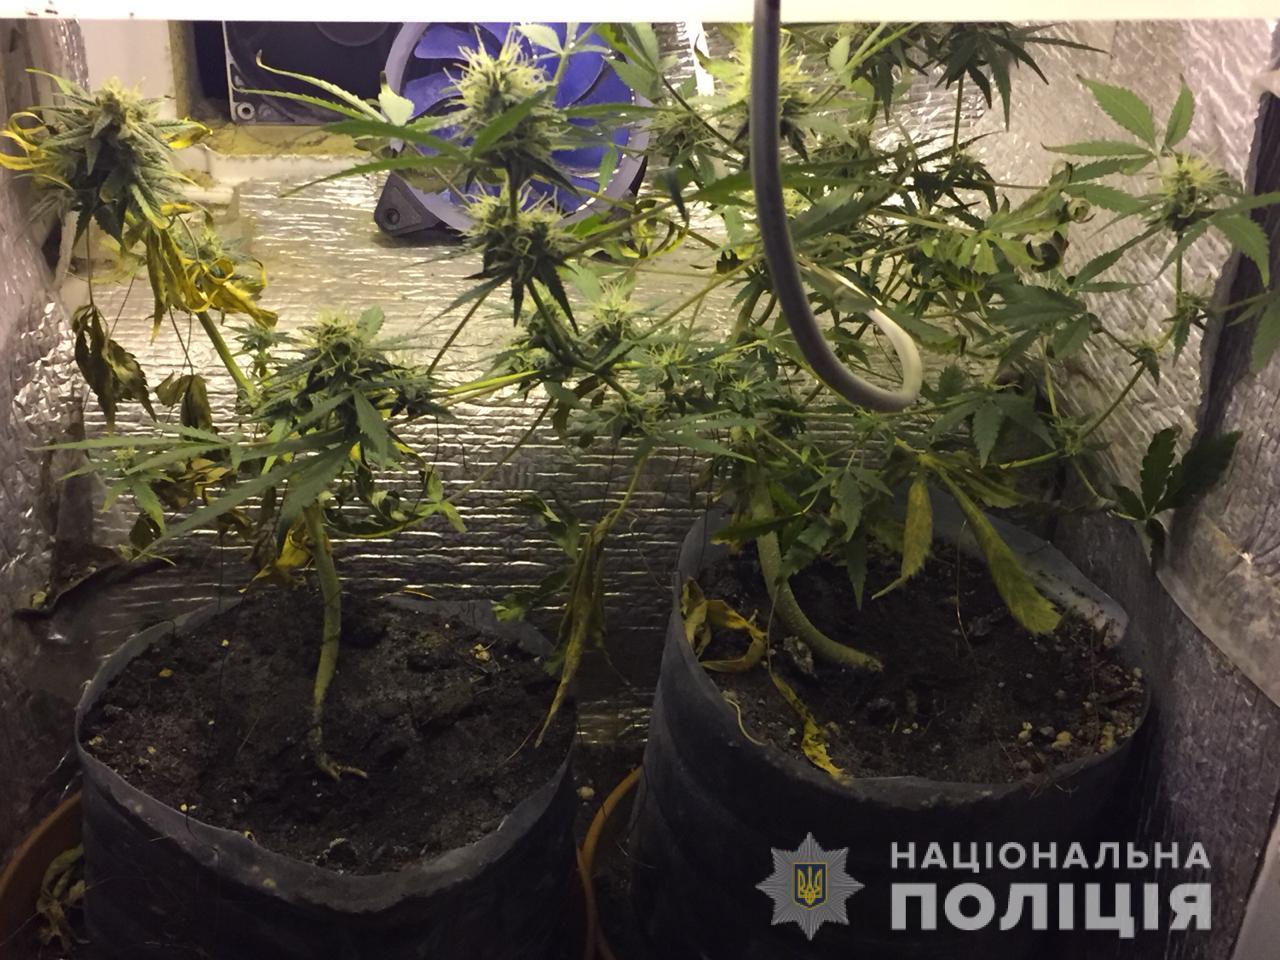 Irp-2-rozb-nap-3 В Ірпені наркоман вчинив два озброєні напади на жінок протягом години